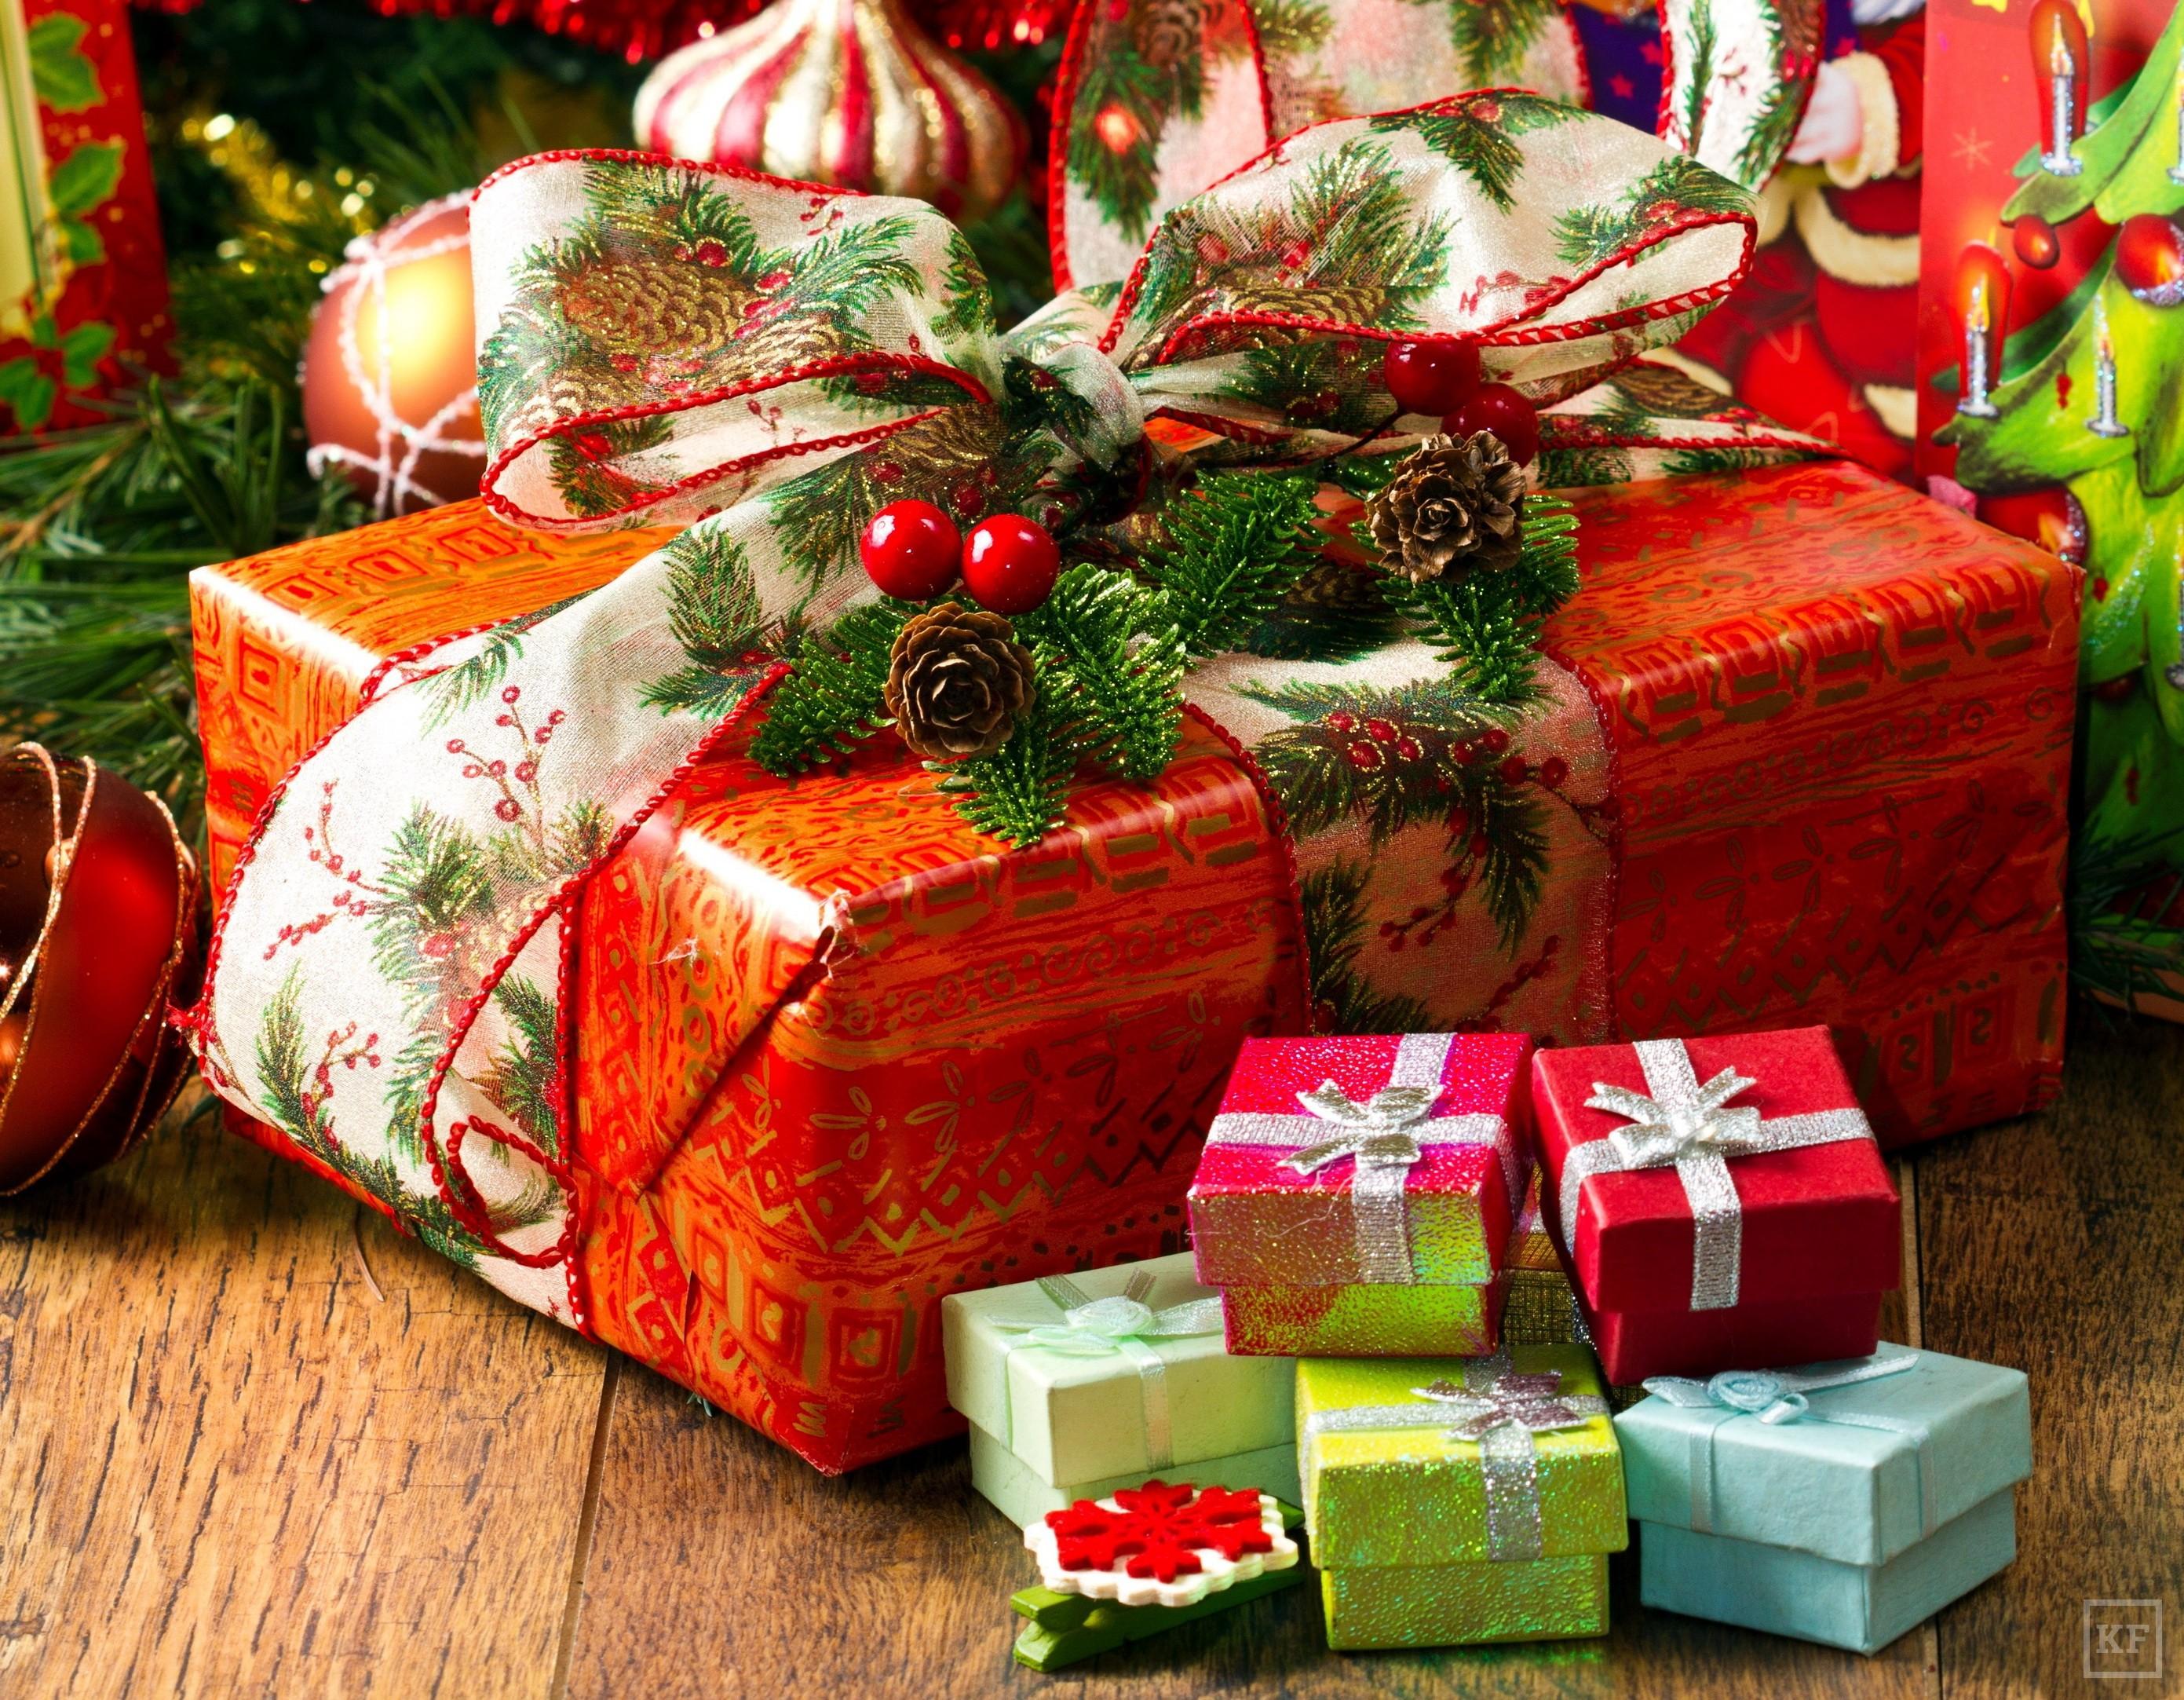 Интернет-магазин pichshop позаботился о вашем душевном спокойствии и подобрал на страницах своего каталога детские подарки на новый год для мальчишек и девчонок всех возрастов.